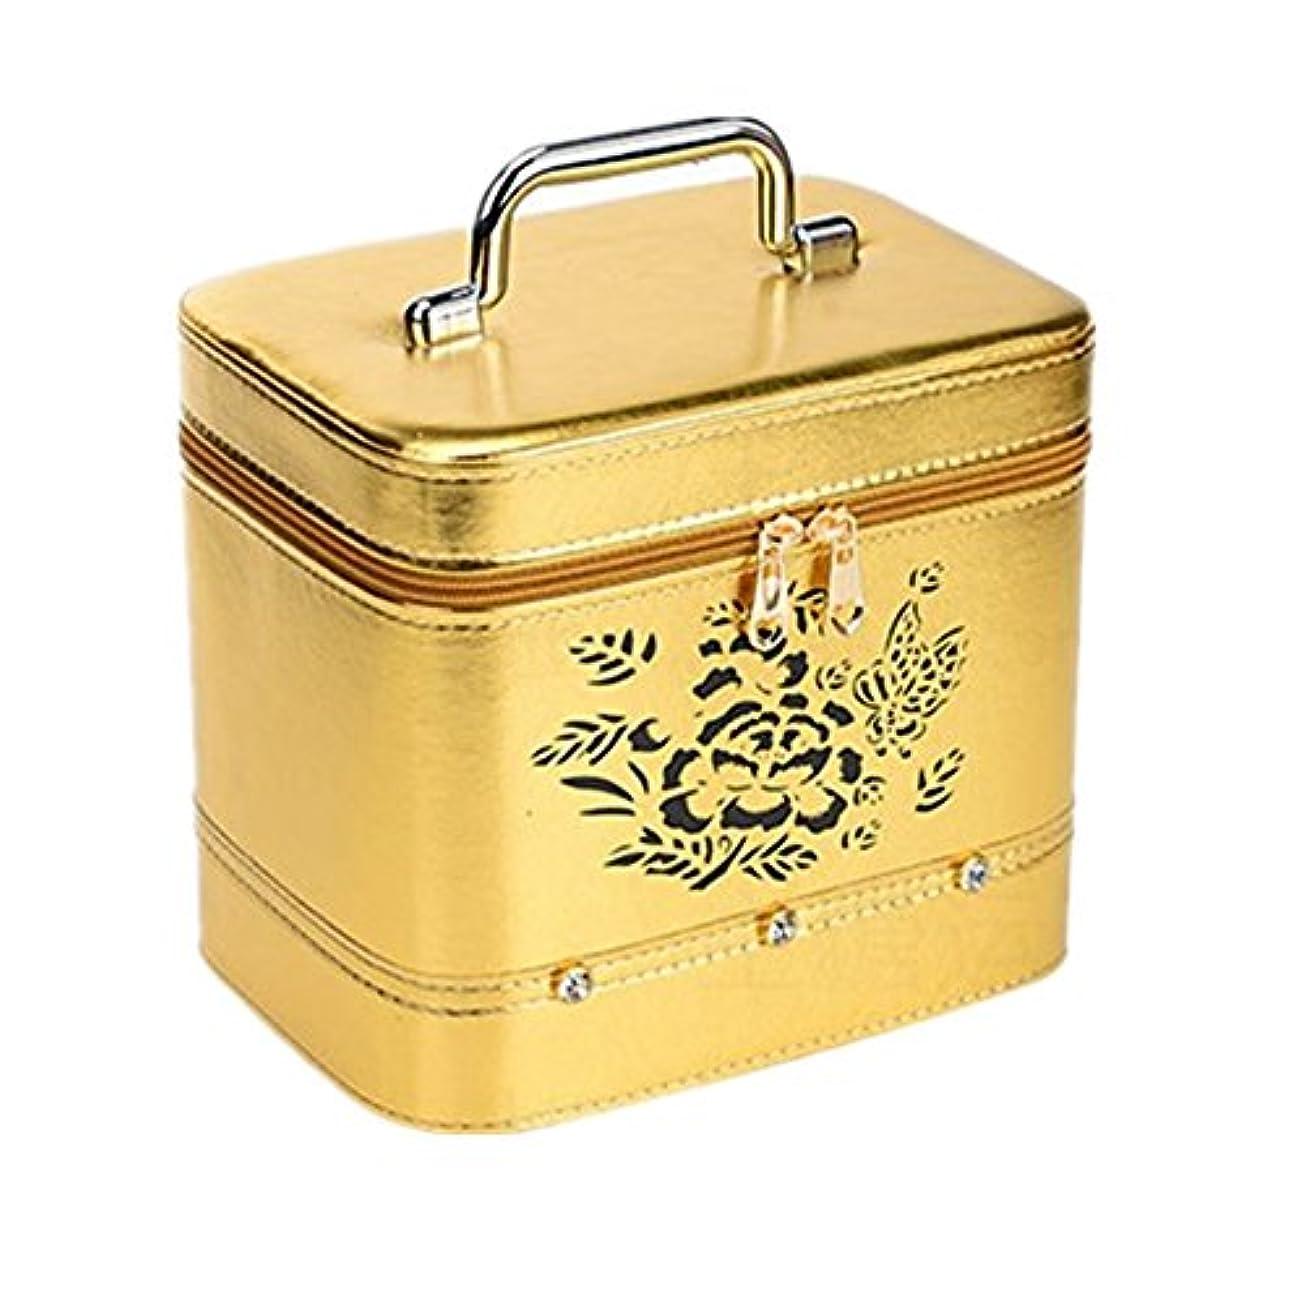 先例先入観論理化粧オーガナイザーバッグ ジッパーと化粧鏡で小さなものの種類の旅行のための美容メイクアップのためのポータブル化粧品バッグ 化粧品ケース